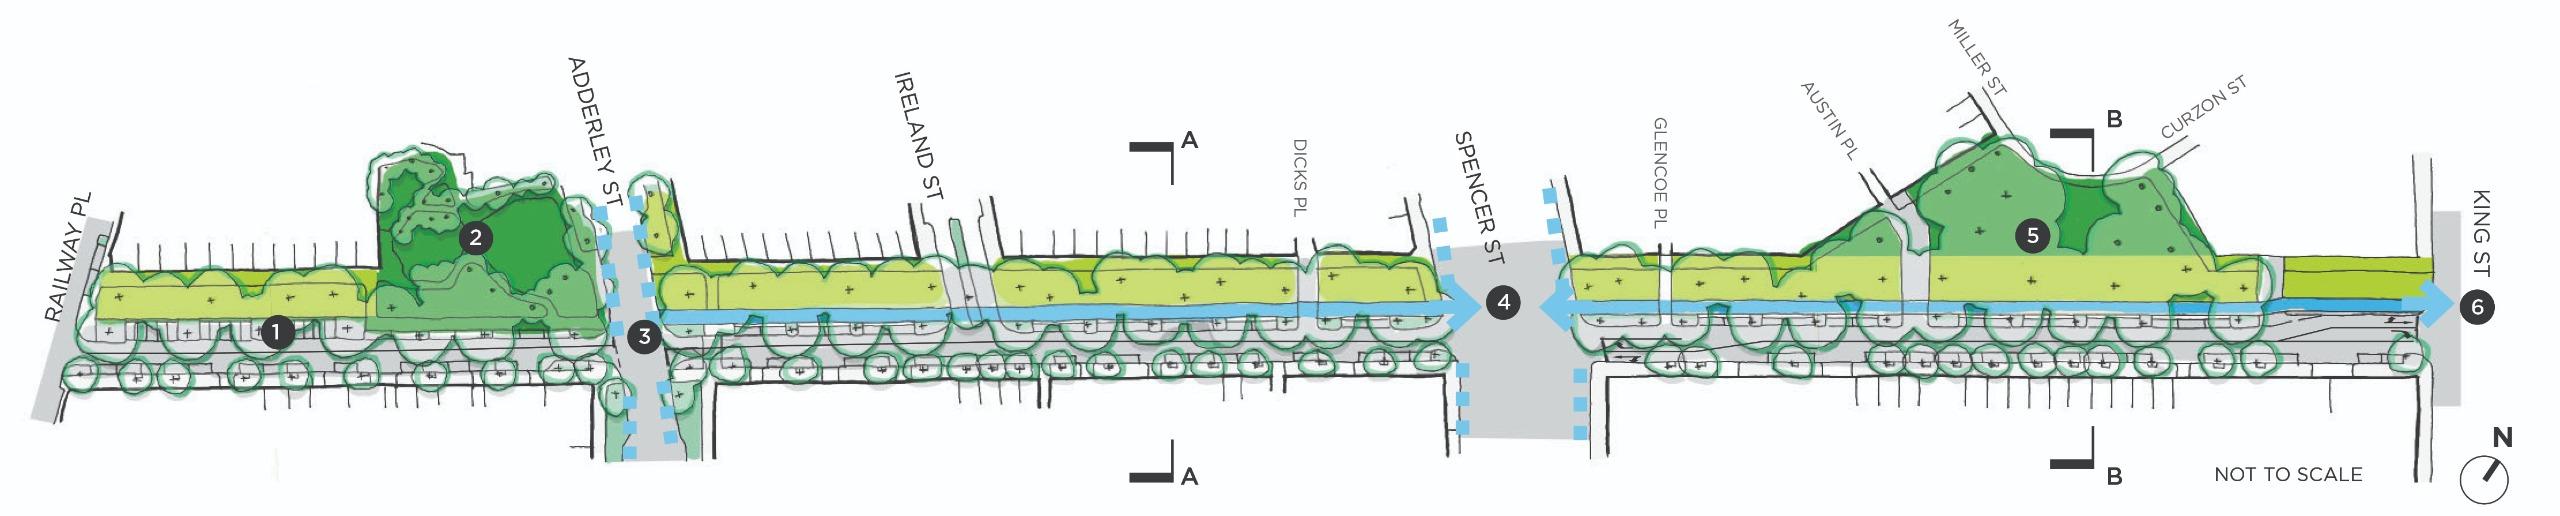 Hawke Street Linear Park map